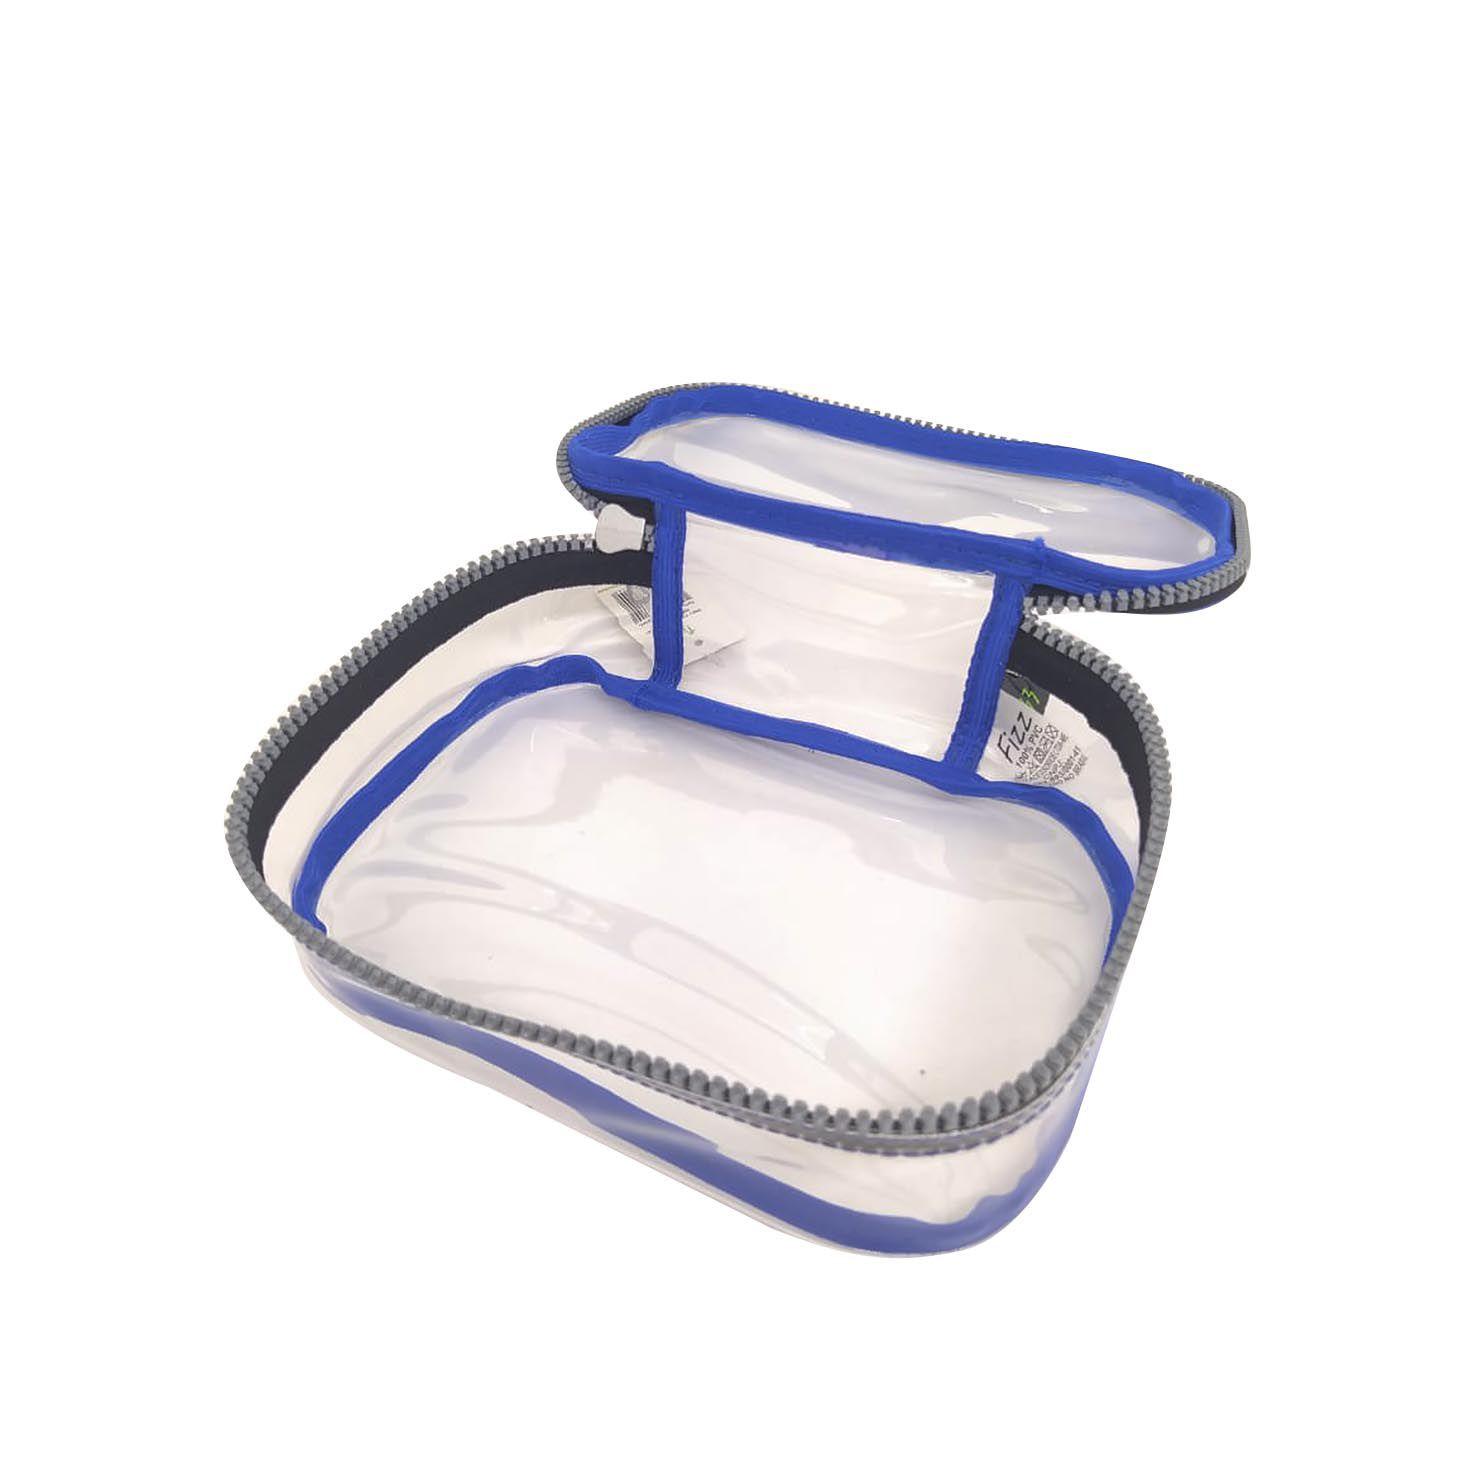 Estojo escolar box azul transparente Fizz